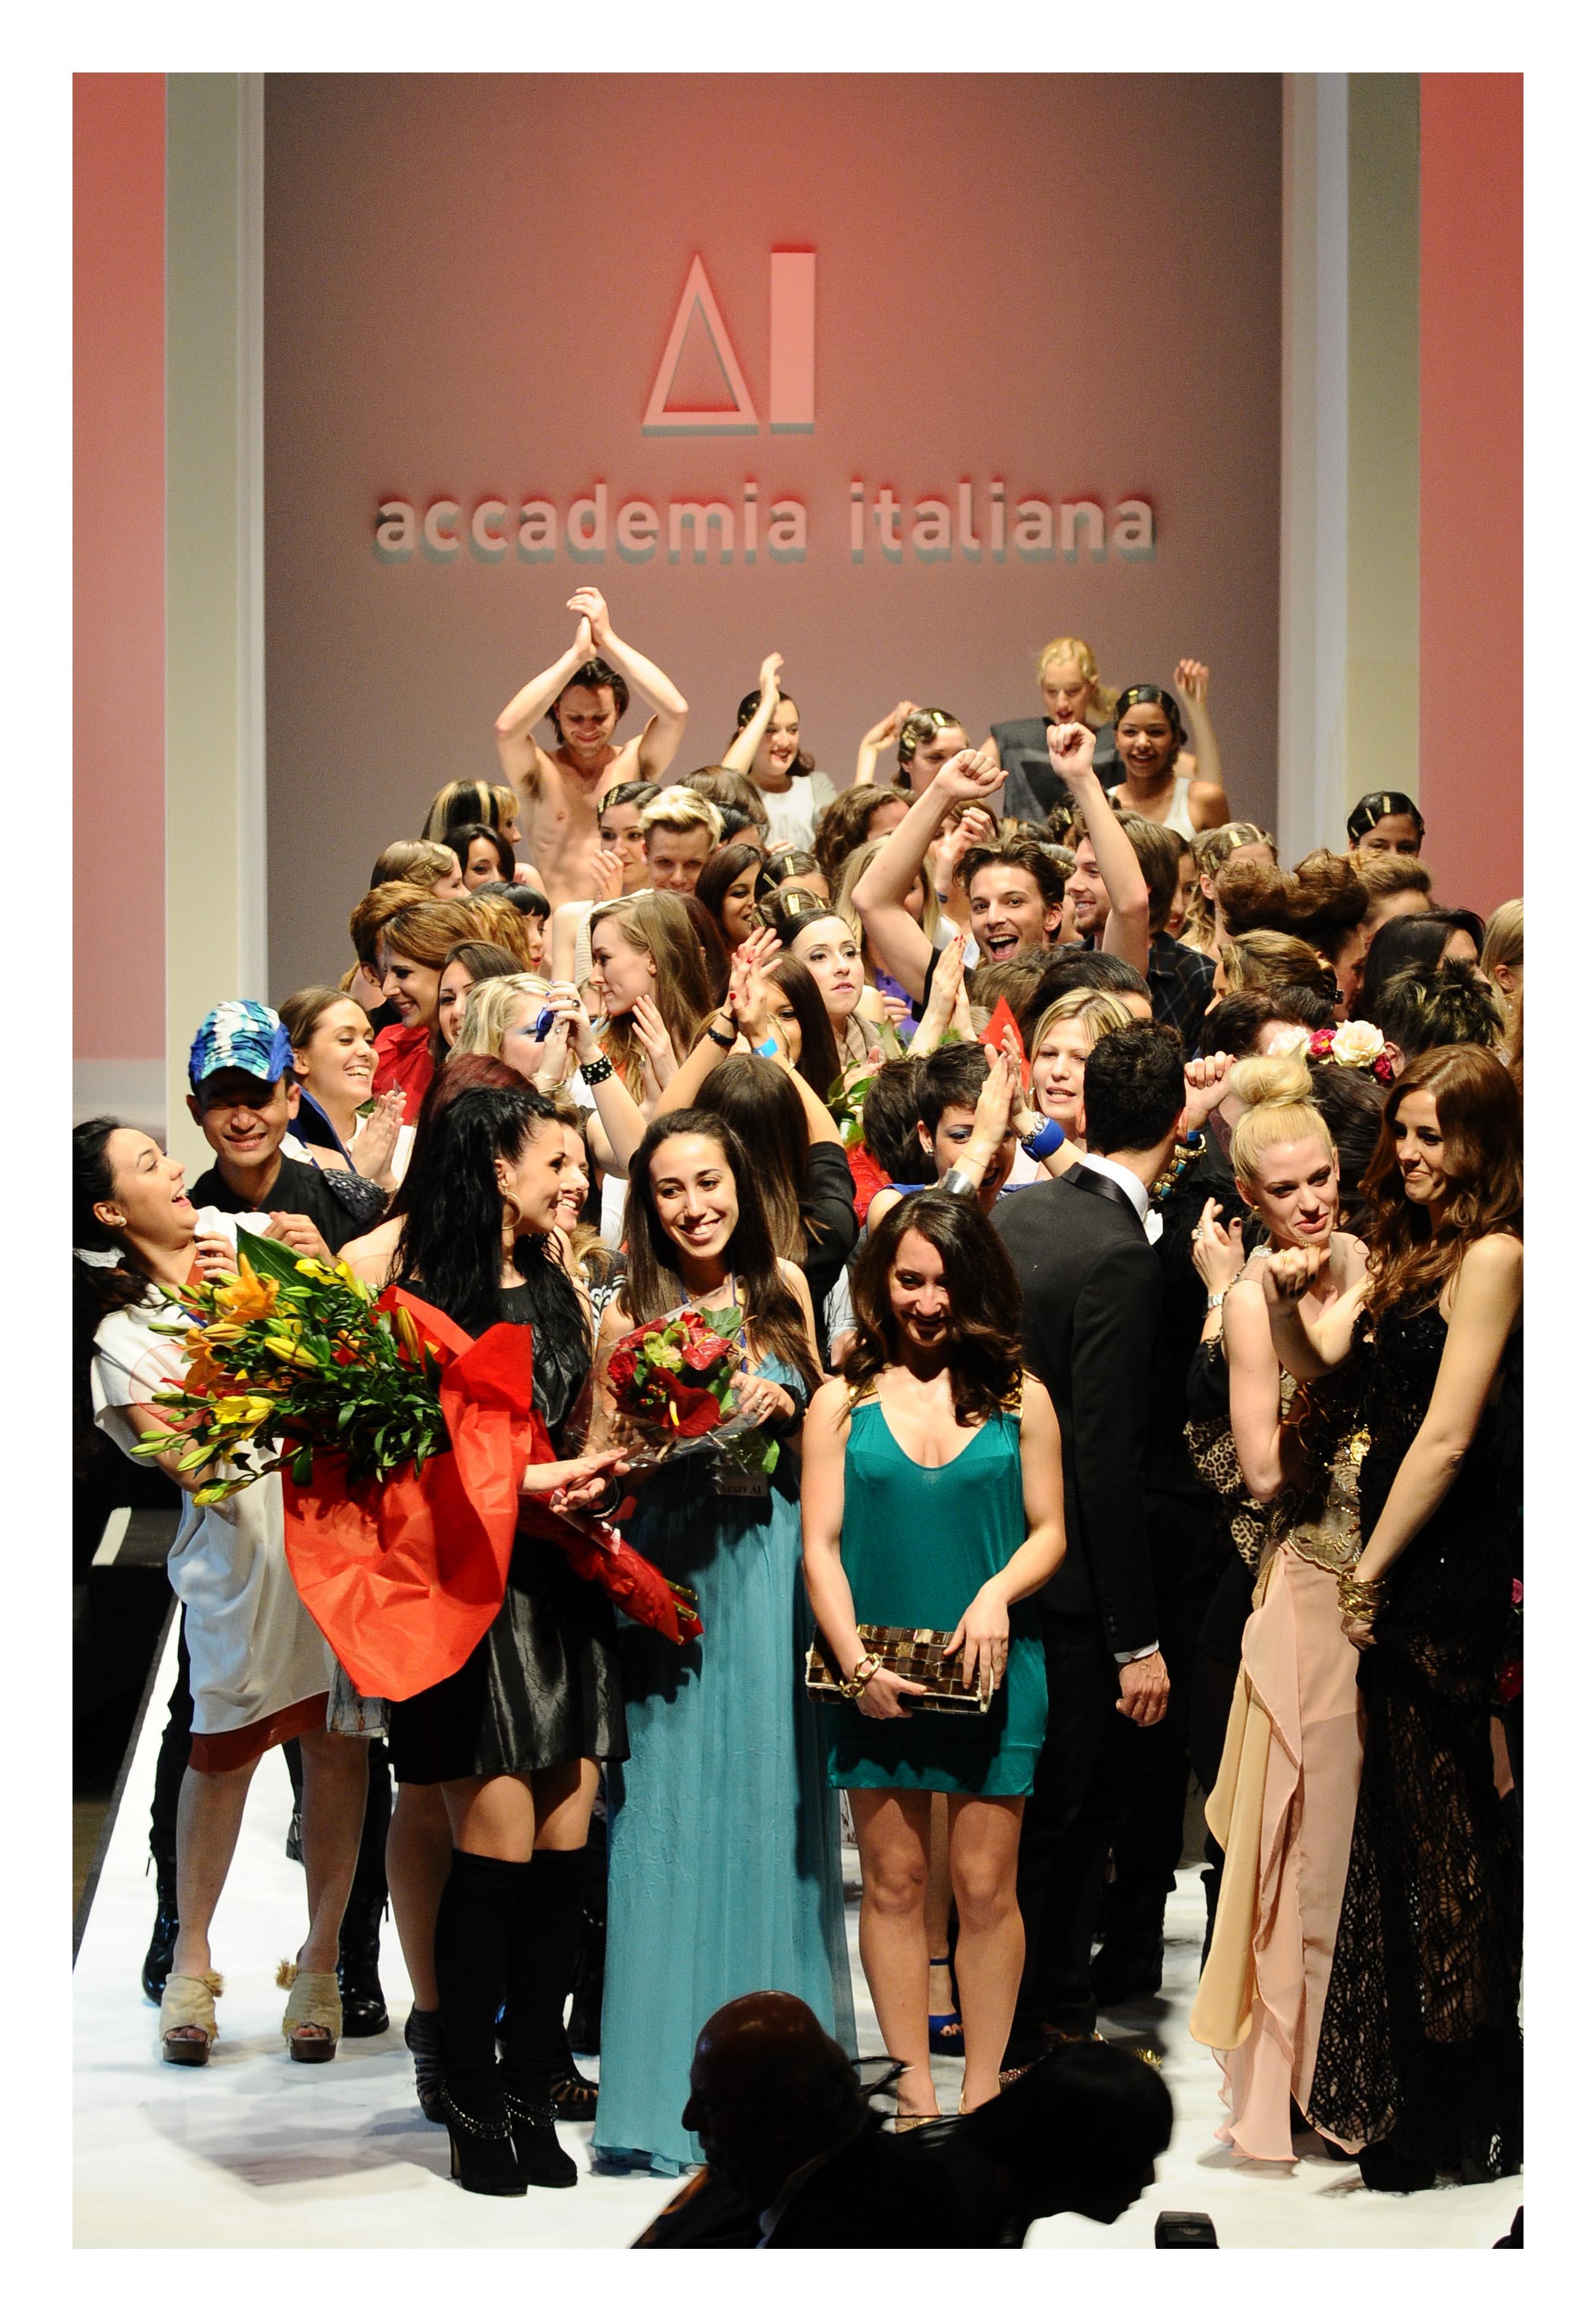 Accademia italiana vince tutto for Accademie di moda milano